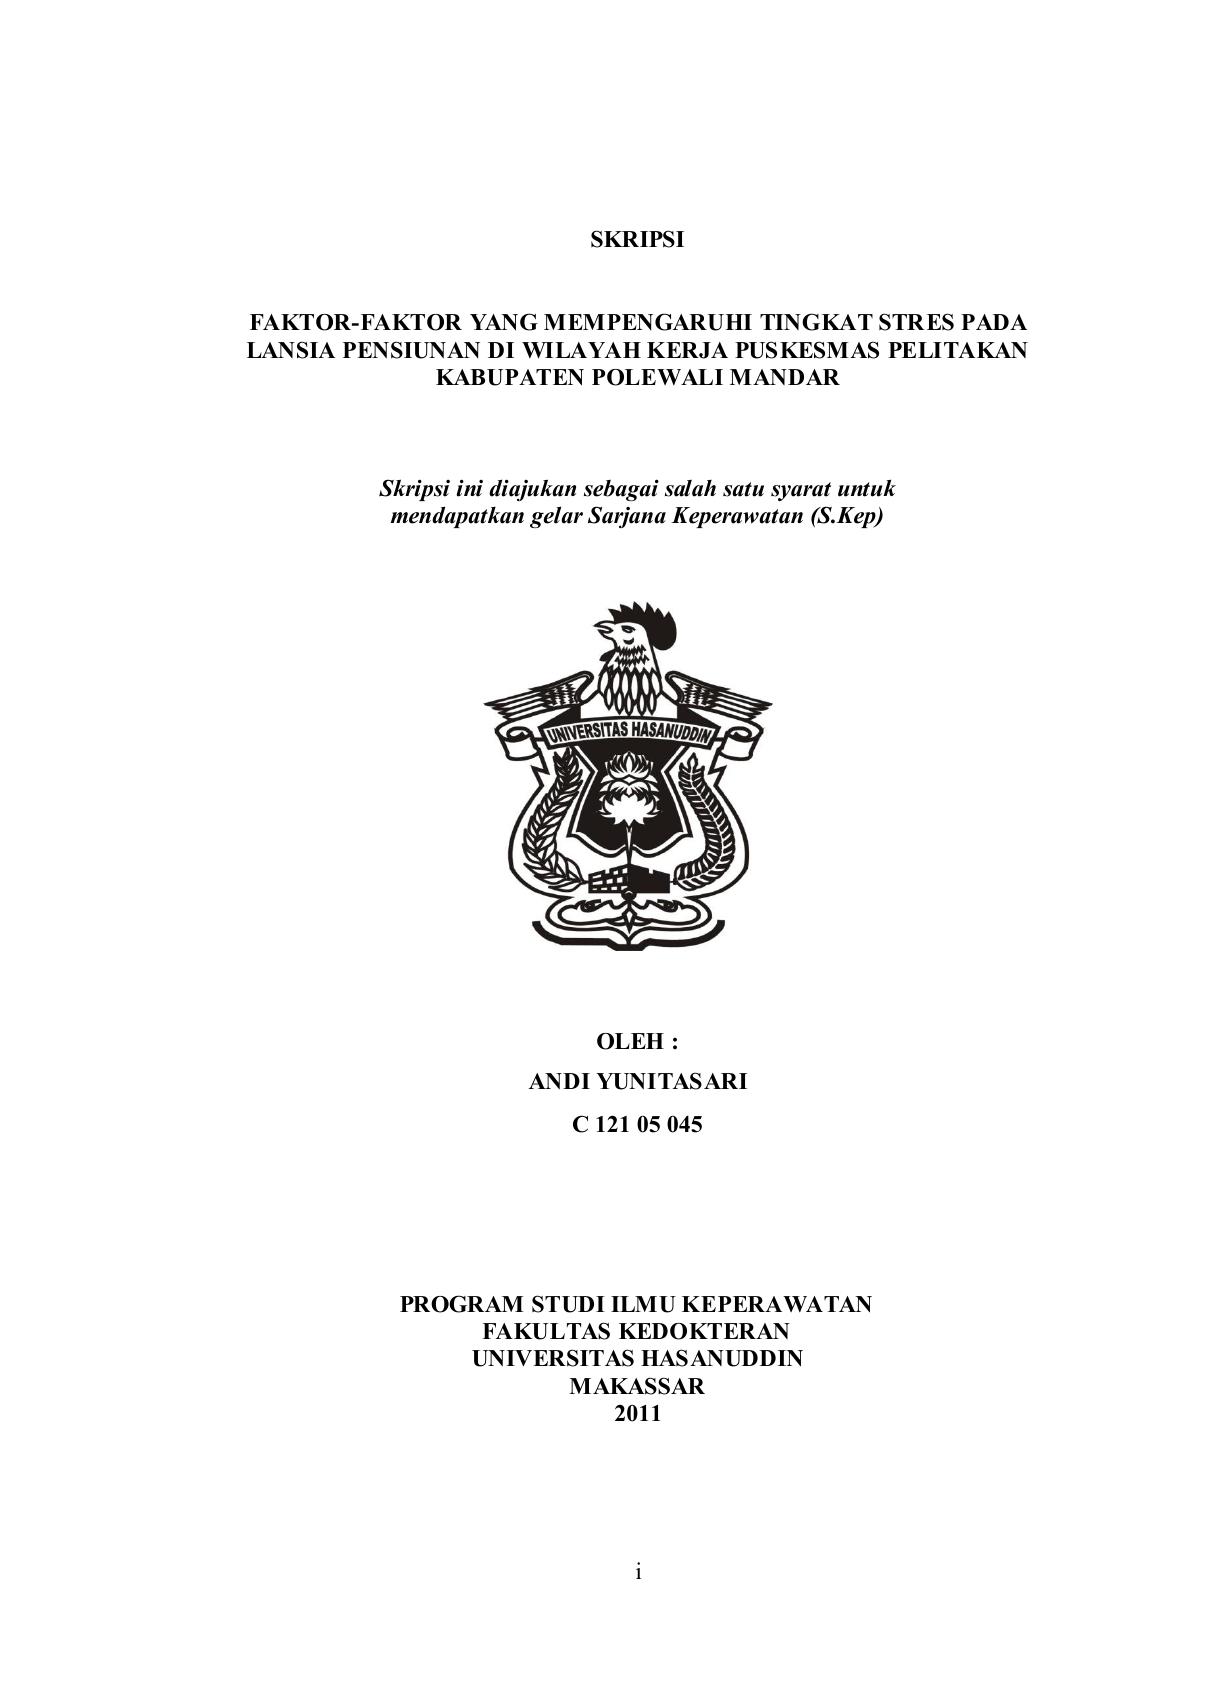 Faktor Faktor Yang Mempengaruhi Tingkat Stres Pada Lansia Pensiunan Di Wilayah Kerja Puskesmas Pelitakan Kabupaten Polewali Mandar Andi Yunitasari Perpustakaan Universitas Hasanuddin